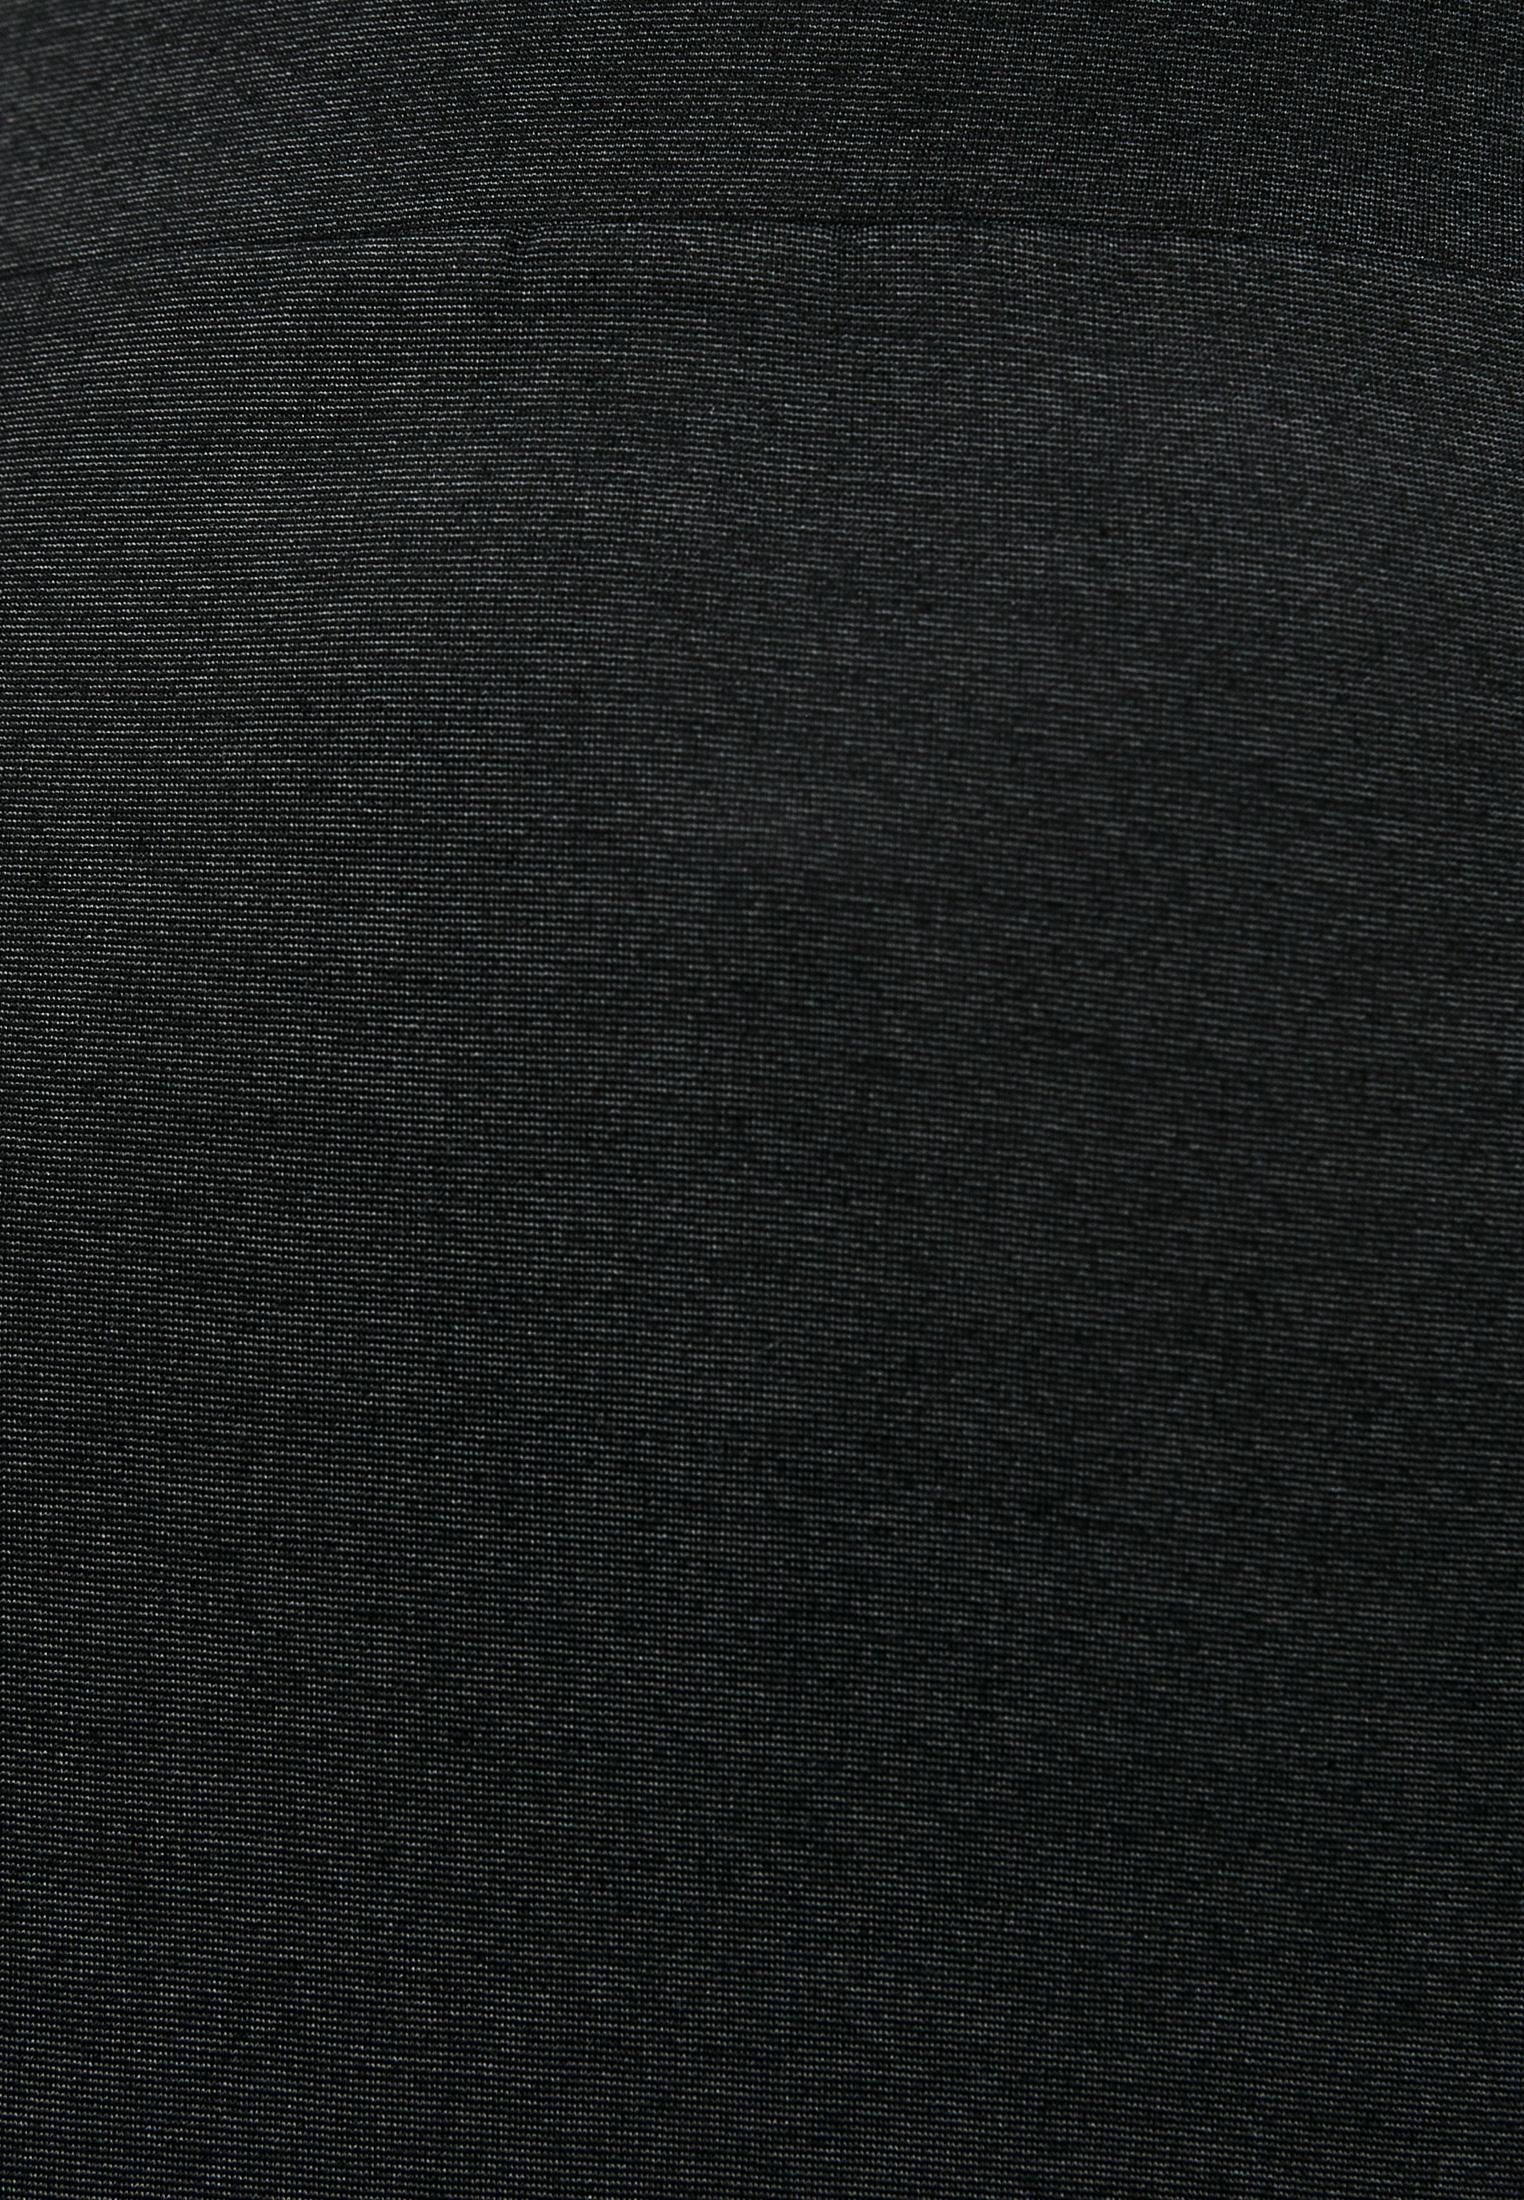 Узкая юбка Toku Tino TT8518027c/: изображение 4